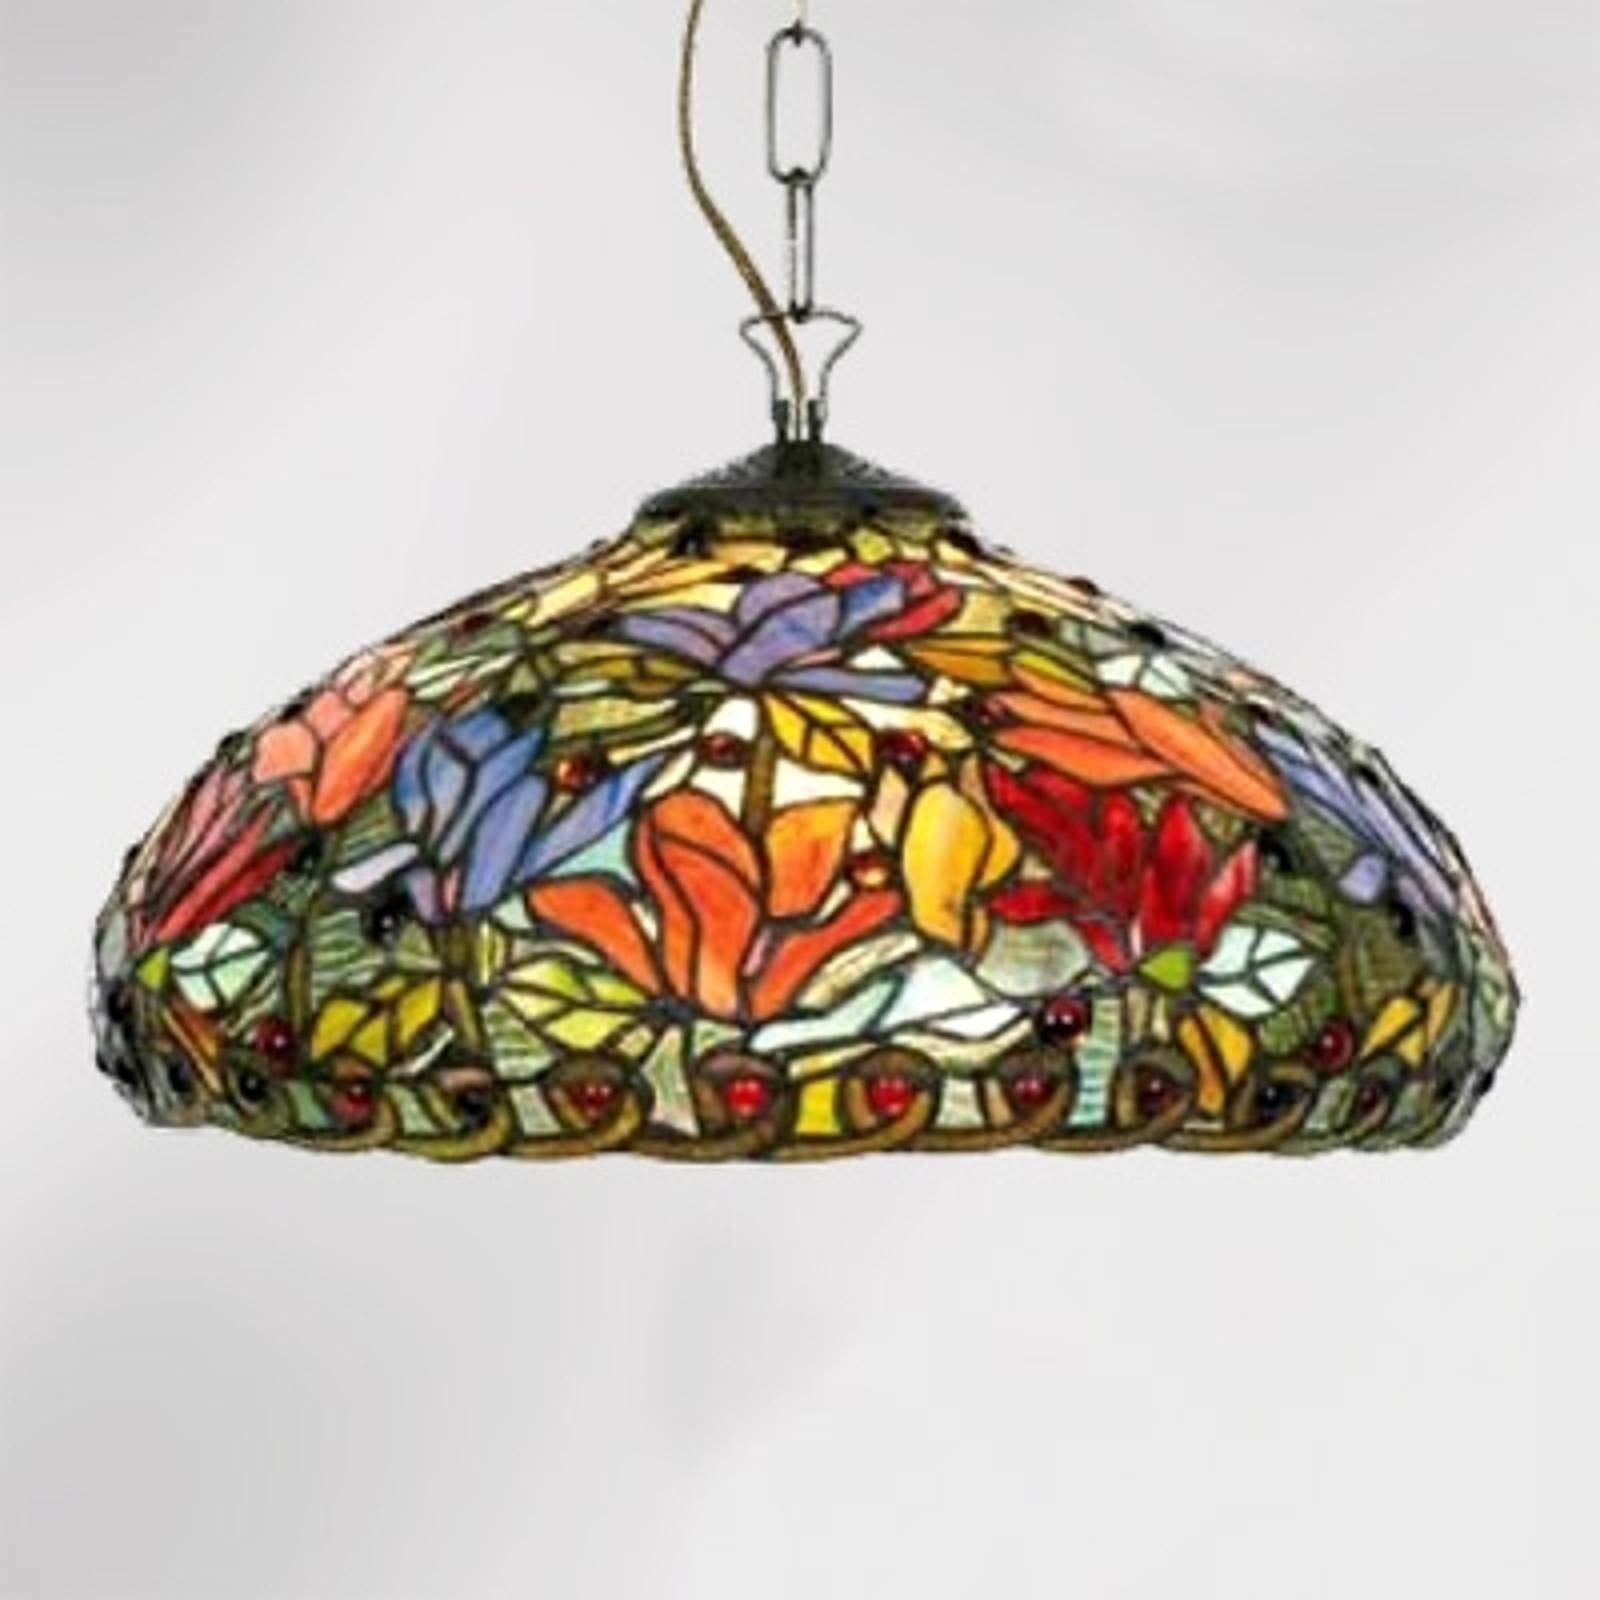 Kwiatowa lampa wisząca Elaine Tiffany 2-punktowa